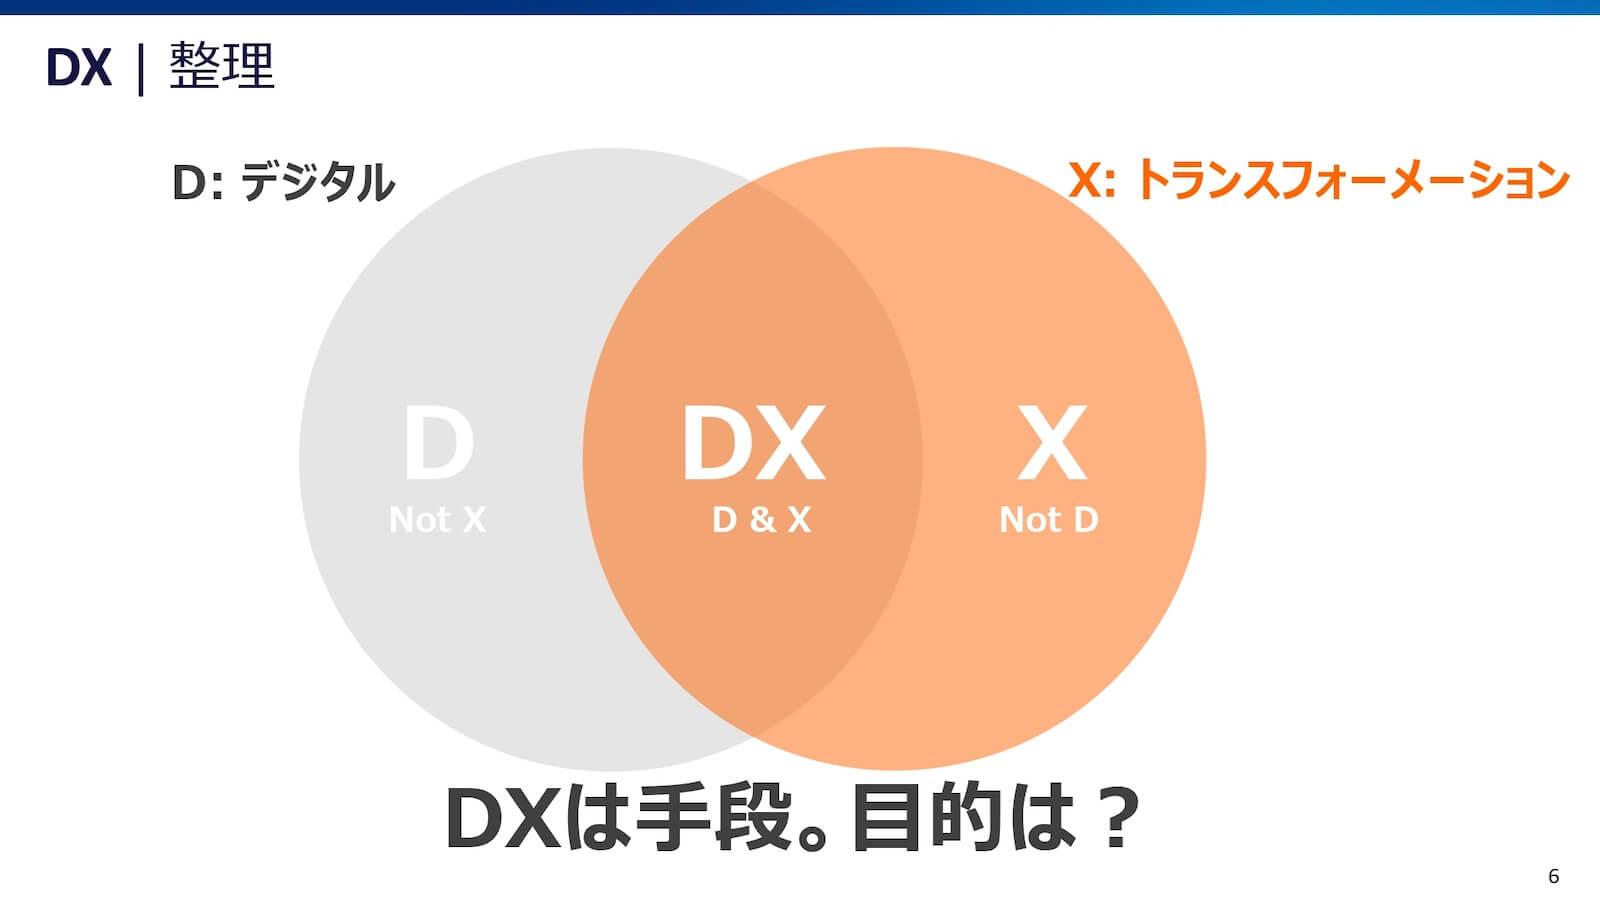 DXとは「デジタル」であり「トランスフォーメーション」であること